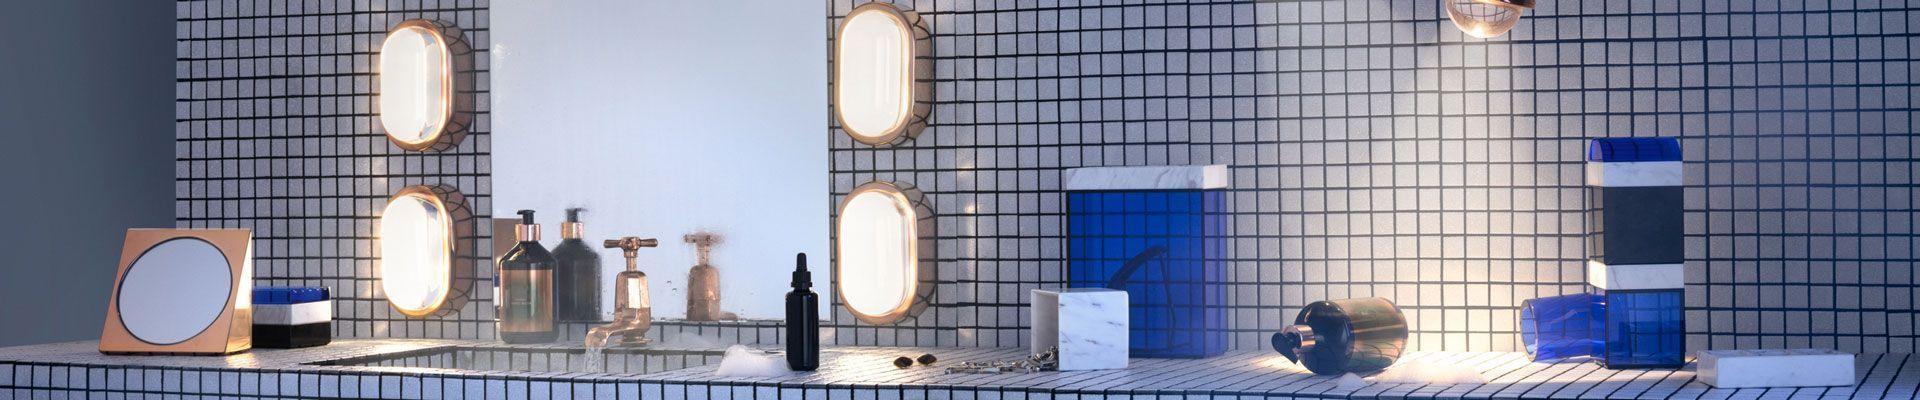 Beleuchtung im Badezimmer: Worauf sollten Sie achten?